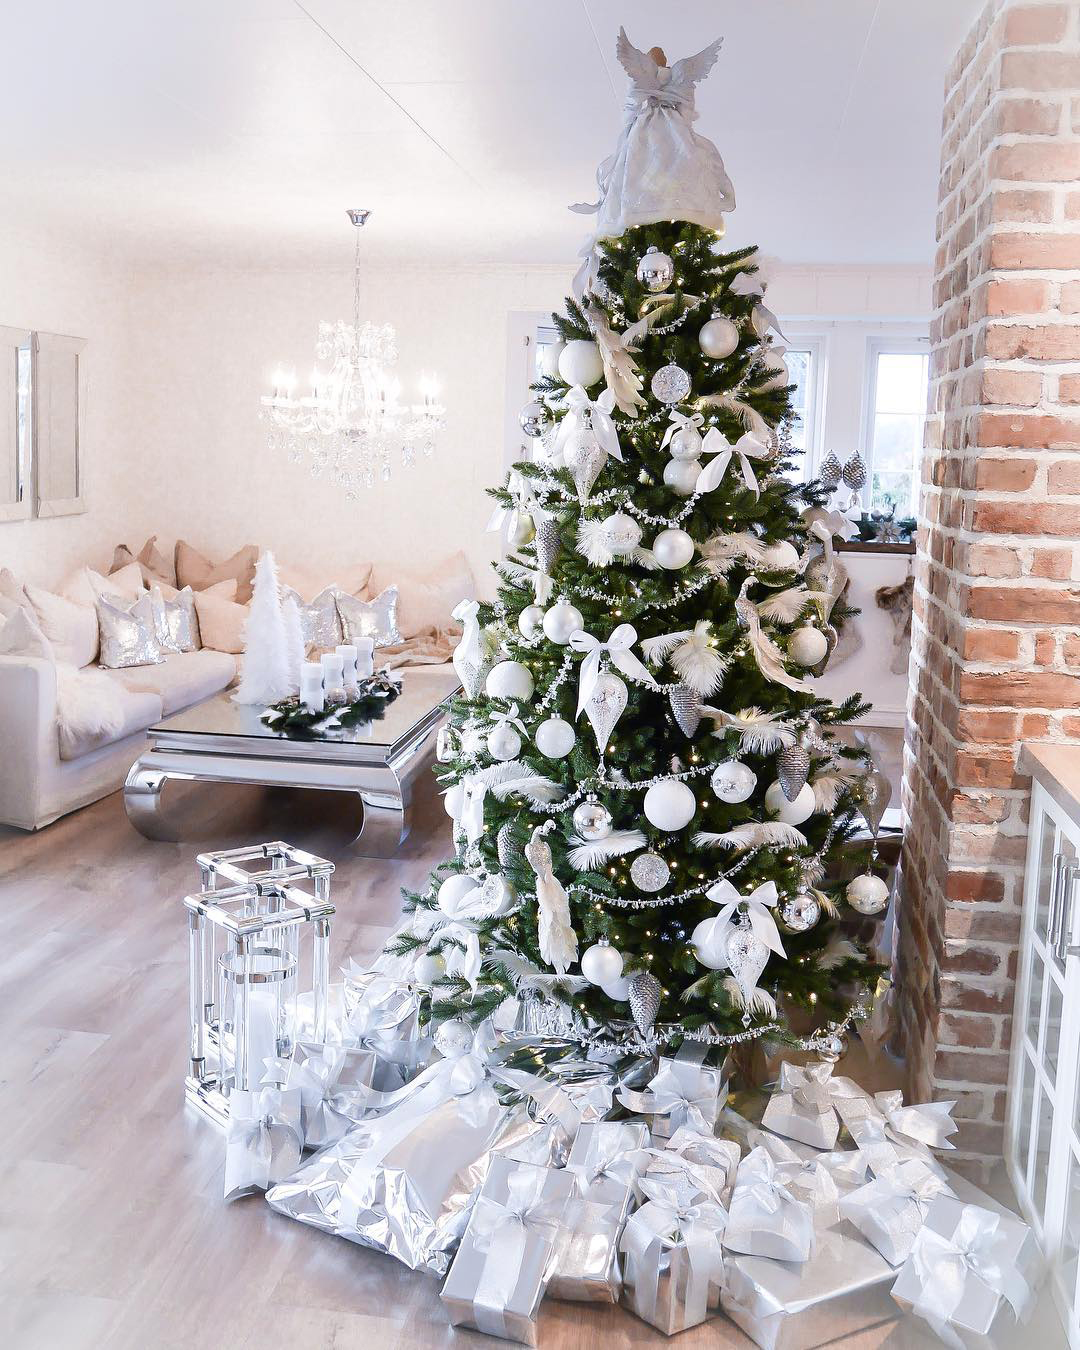 White Christmas Tree   jeanettkh on Instagram